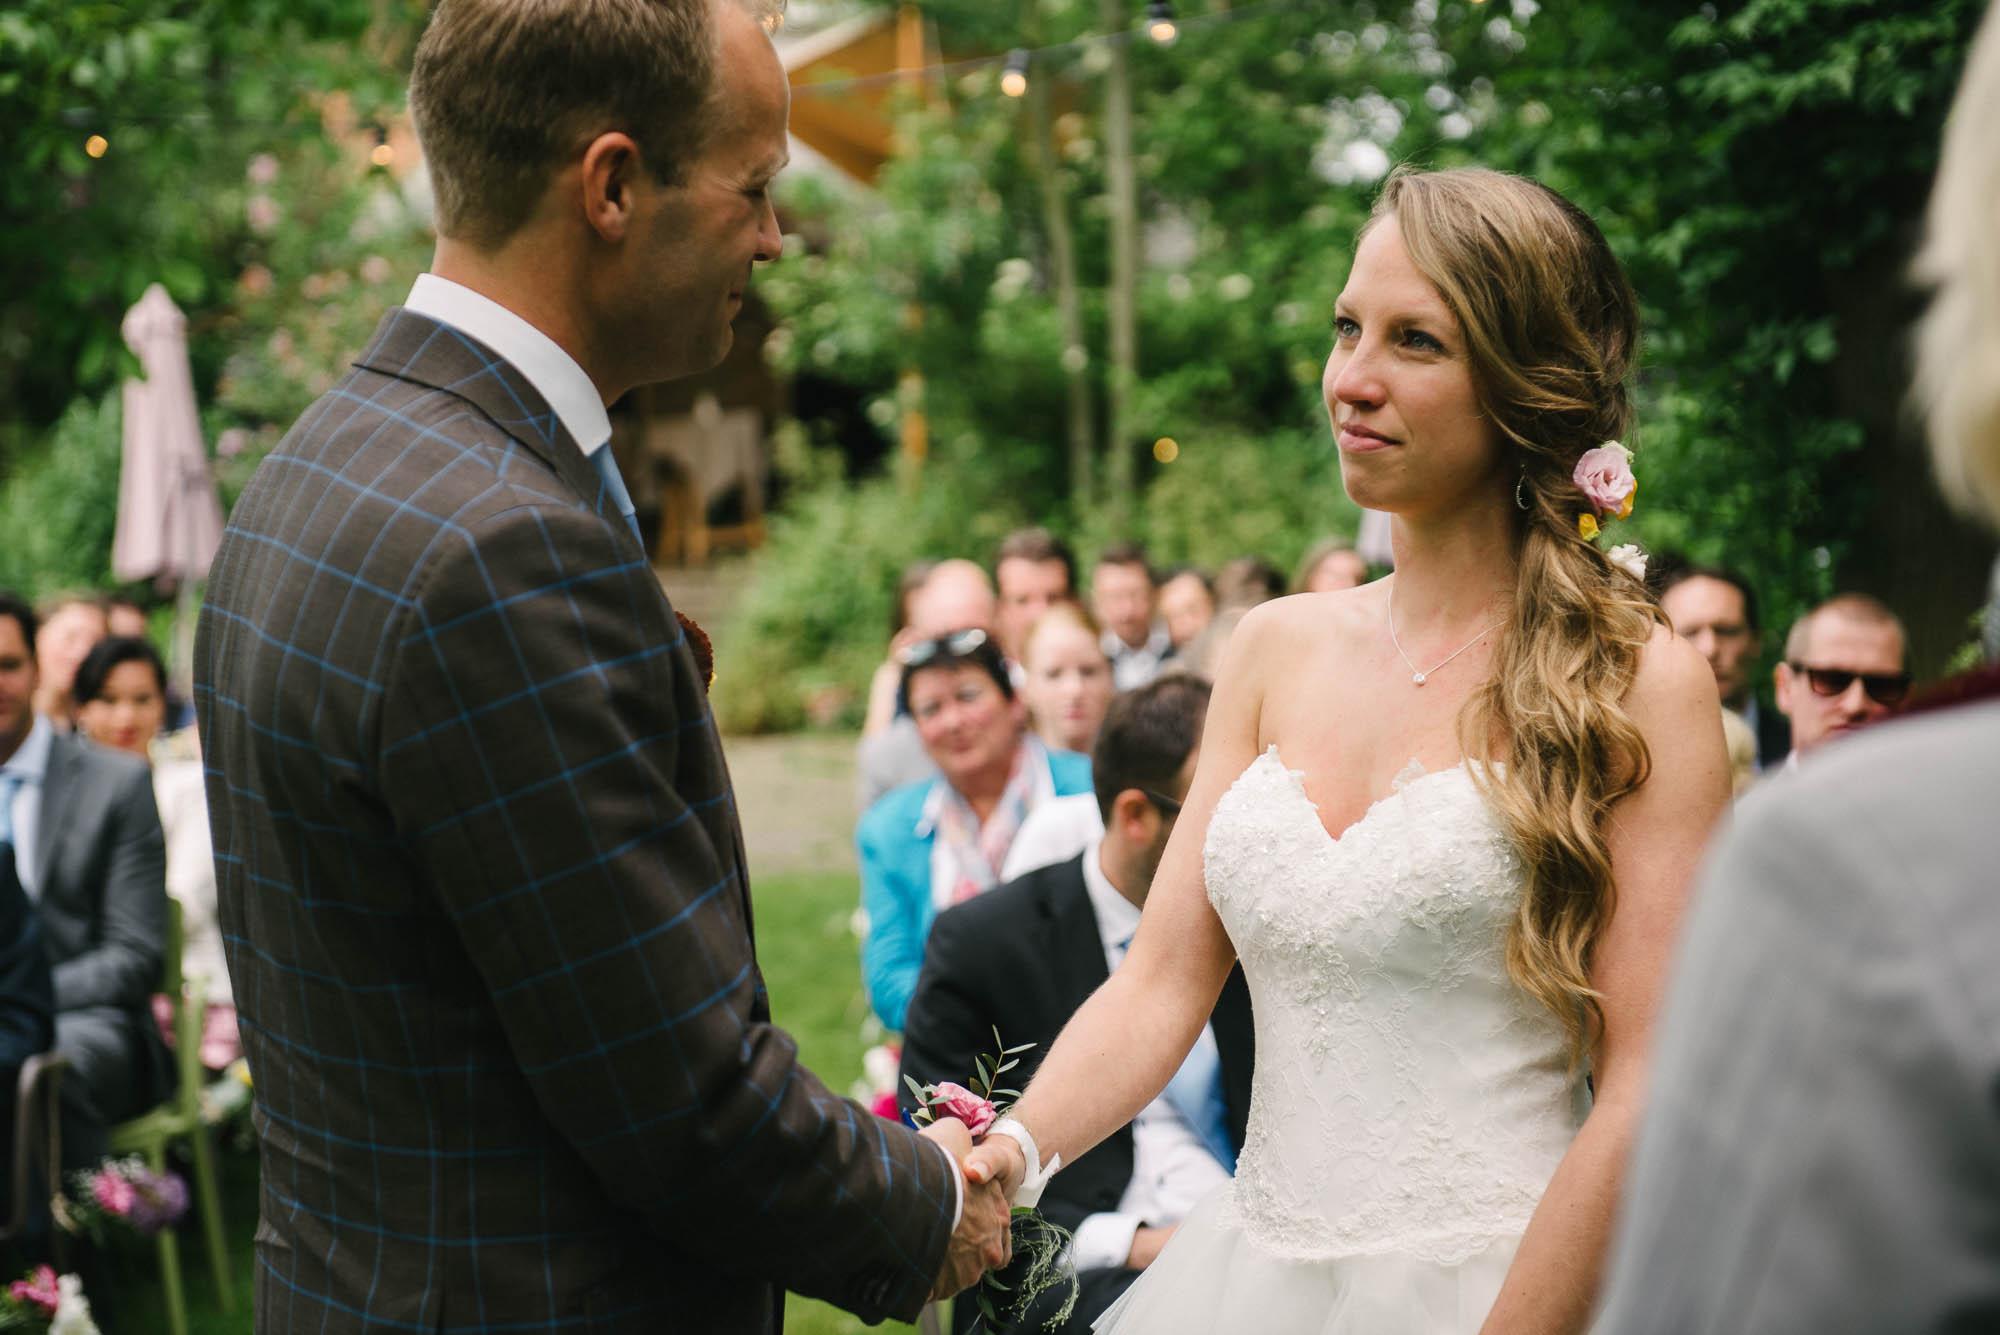 journalistieke bruidsfotografie Delft buitenbruiloft trouwlocatie buiten